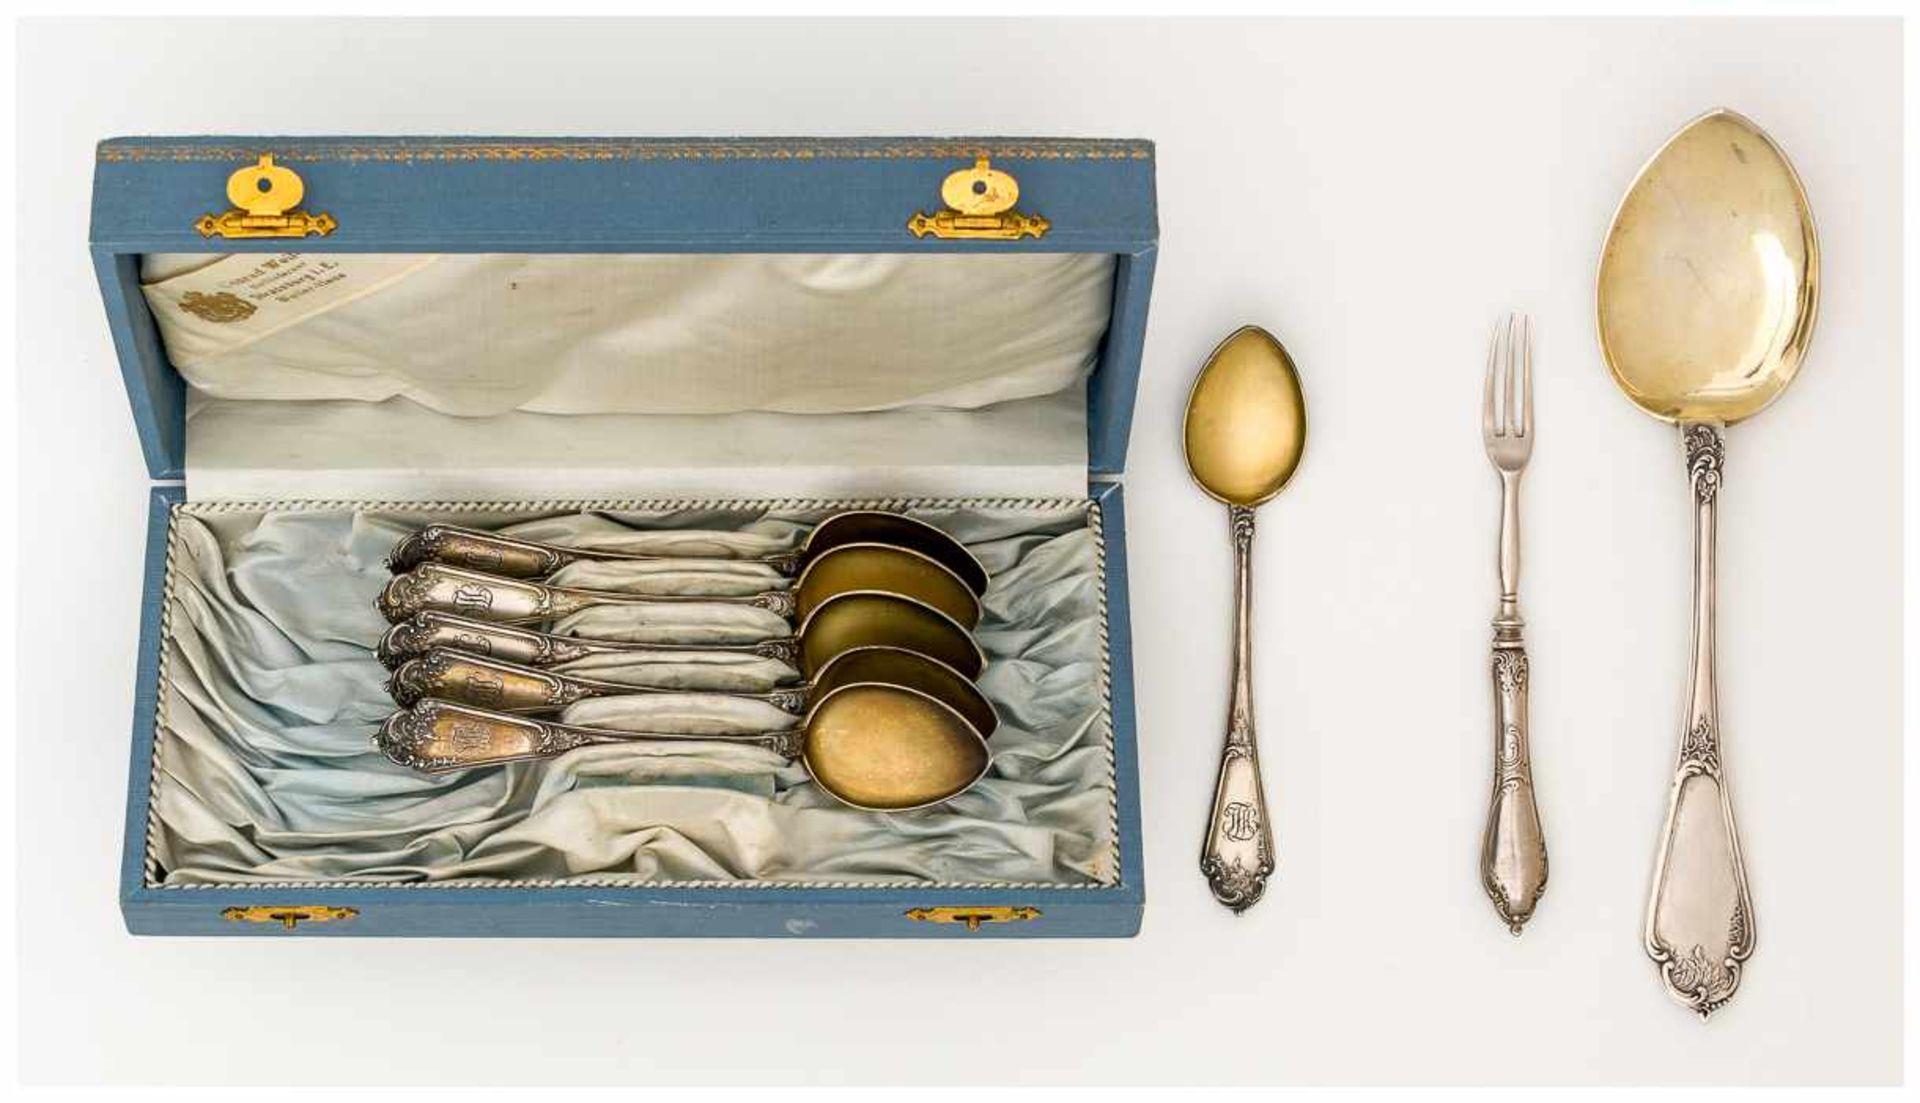 Los 9 - Fabergé - Besteck Sechs Löffel: 14,8 x 3,1 cm, je 37g: Moskau 1896-1908; Meister: Peter Karl Fabergé